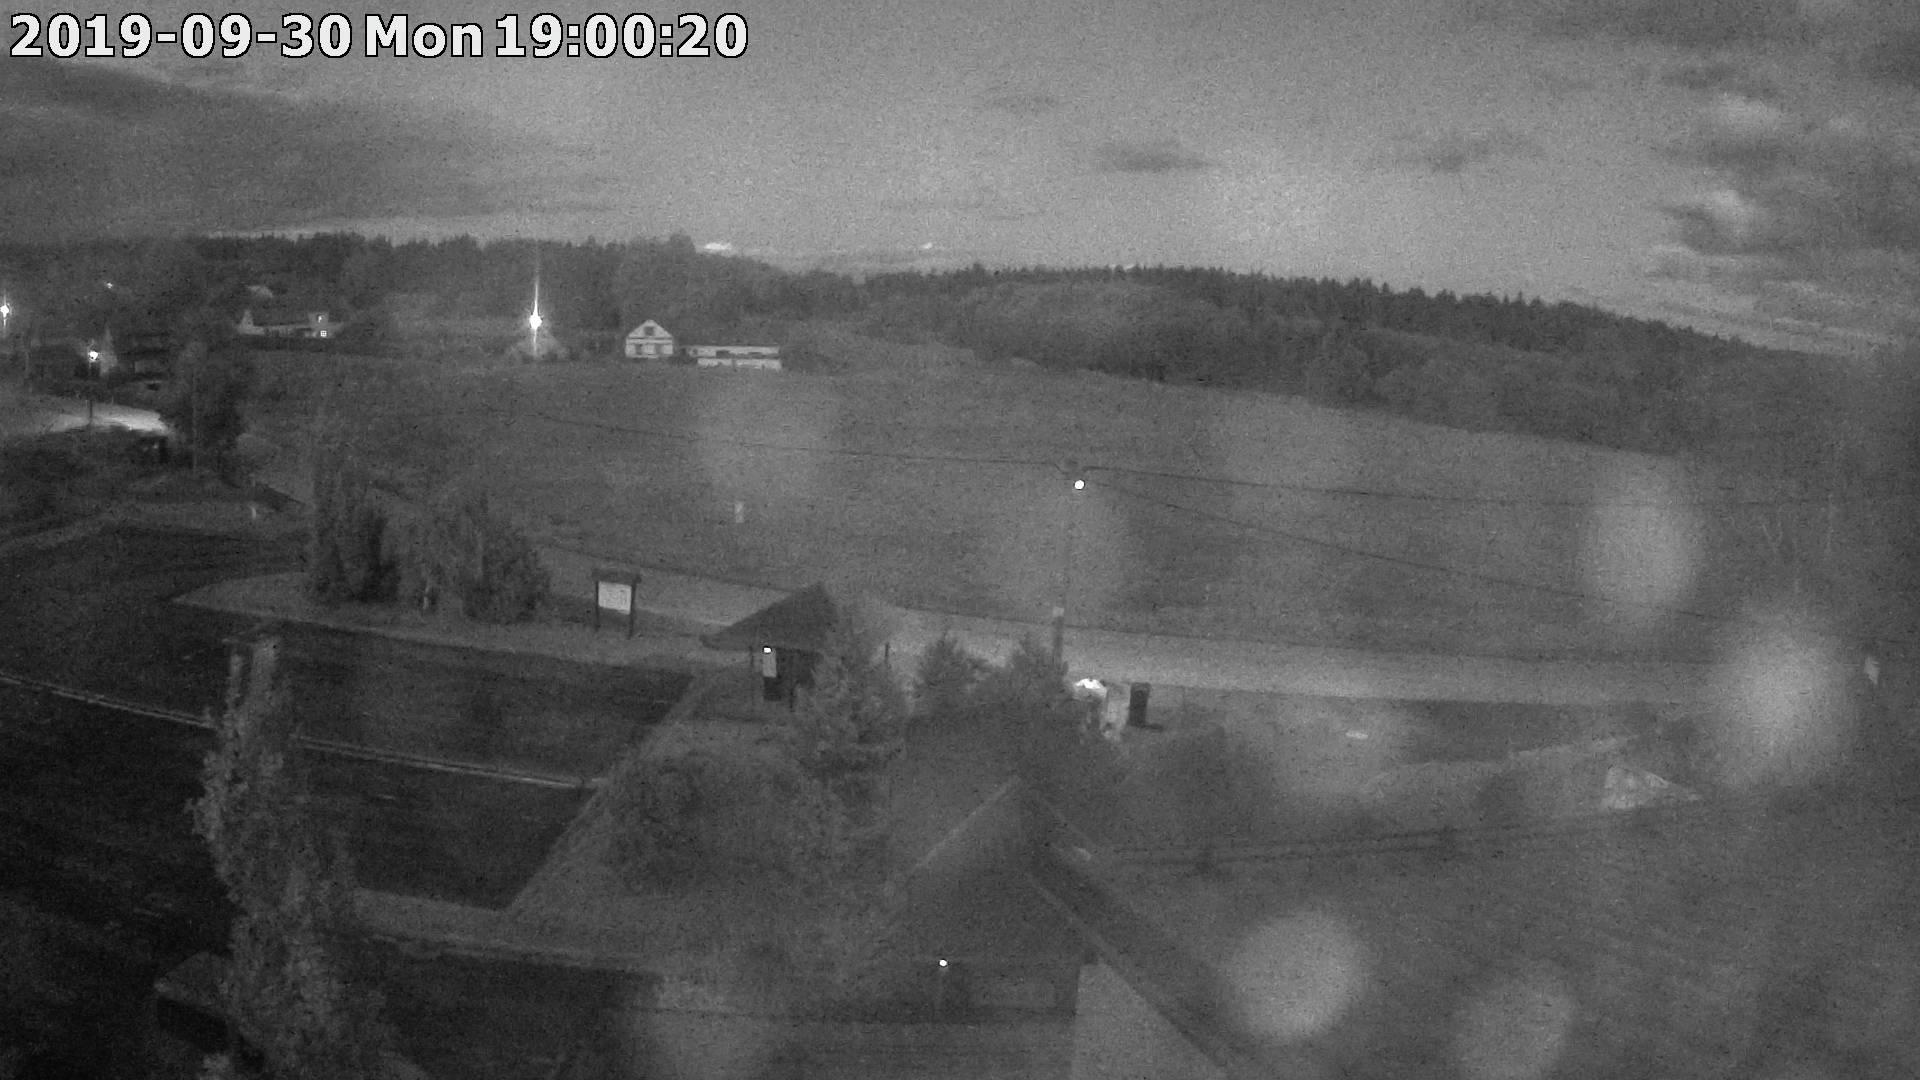 Webkamera ze dne 2019-09-30